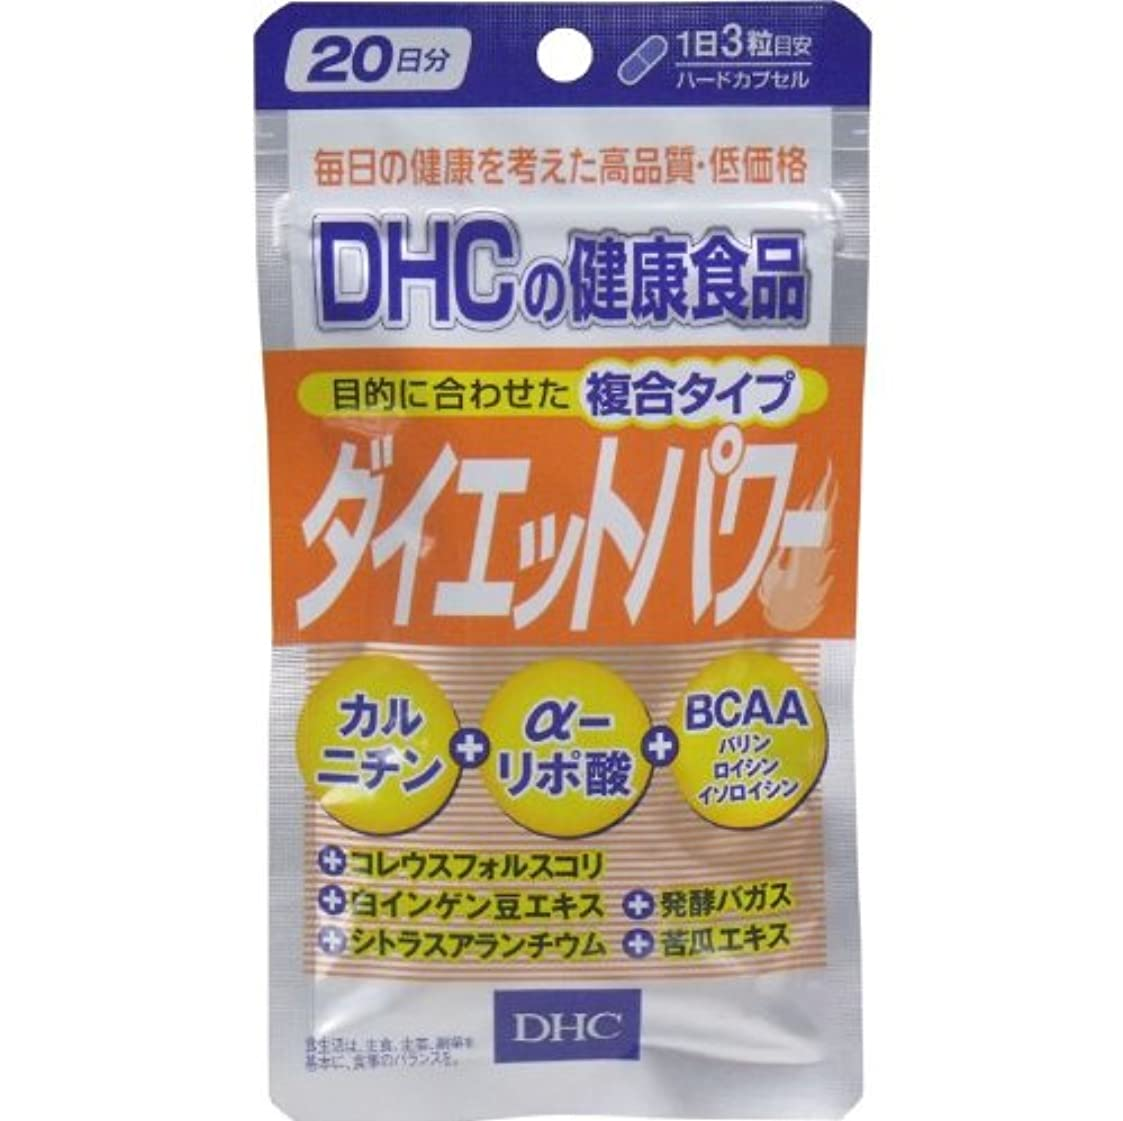 サーキットに行くビクター実業家DHC ダイエットパワー 60粒入 20日分「3点セット」